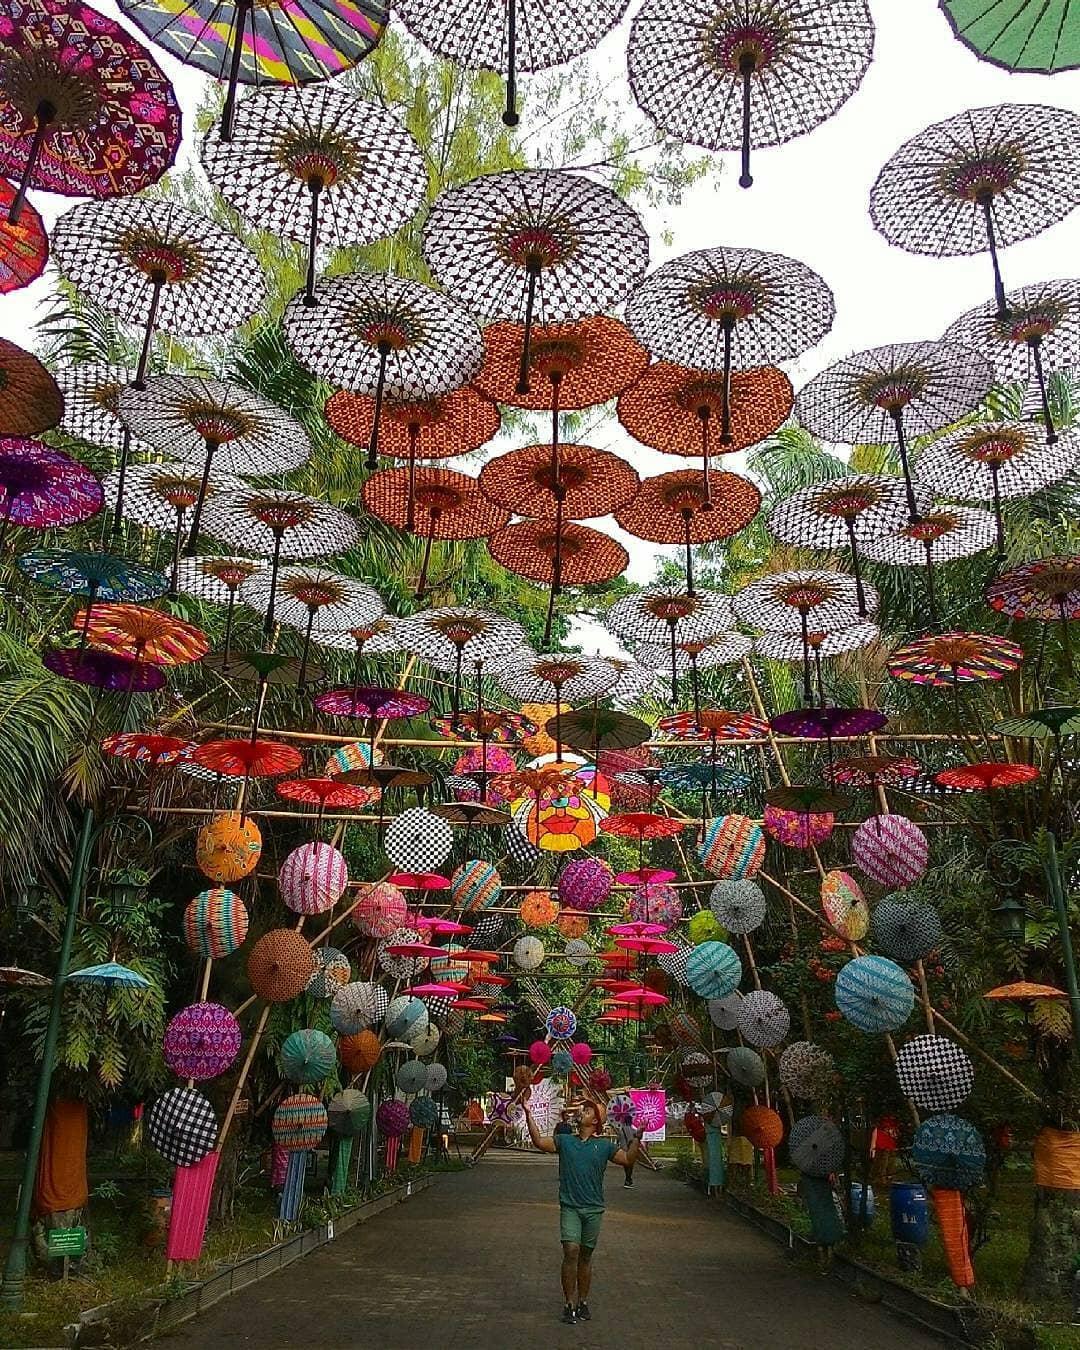 Payung Taman Balai Kambang